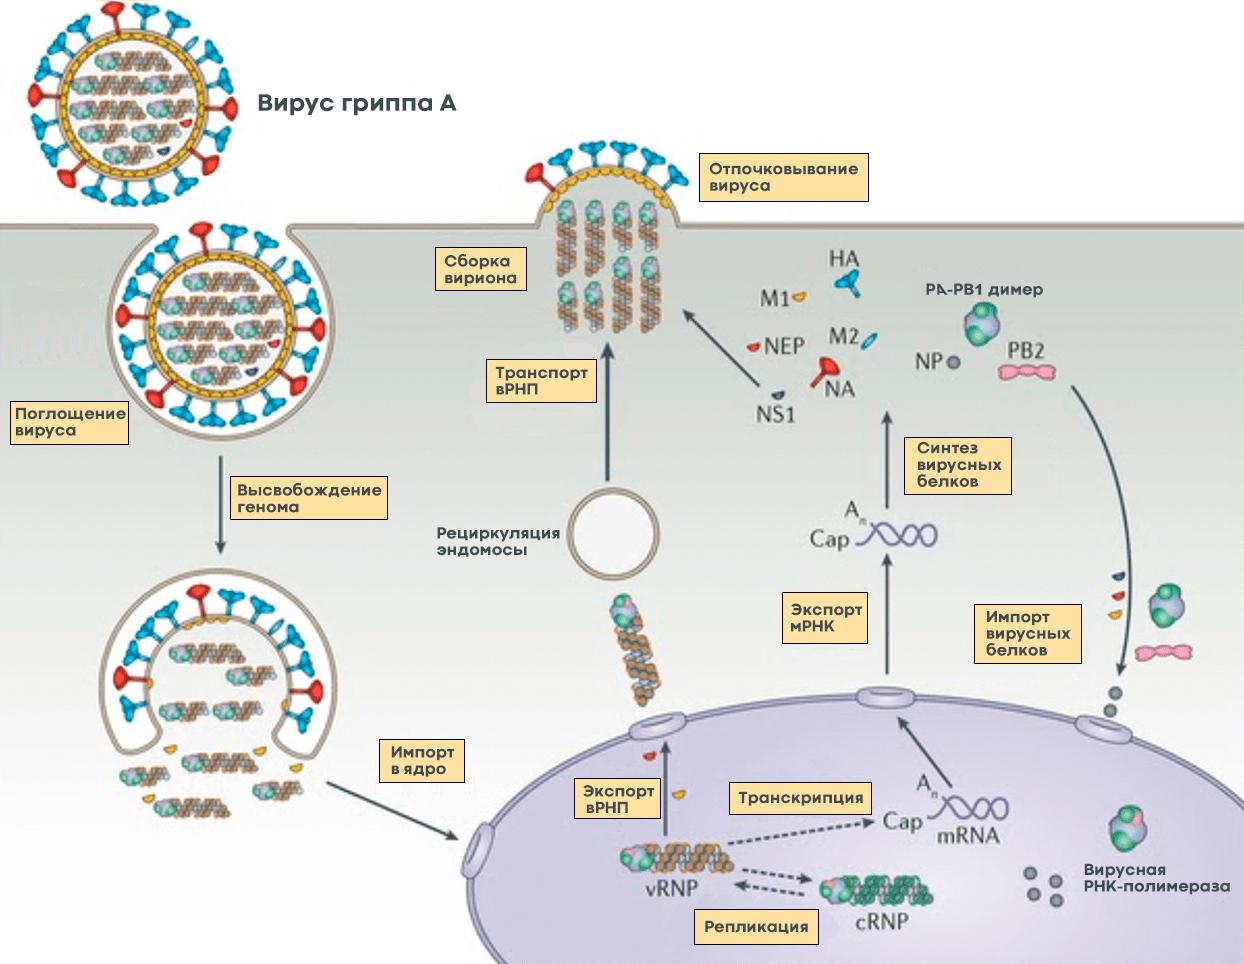 Жизненный цикл вируса гриппа А